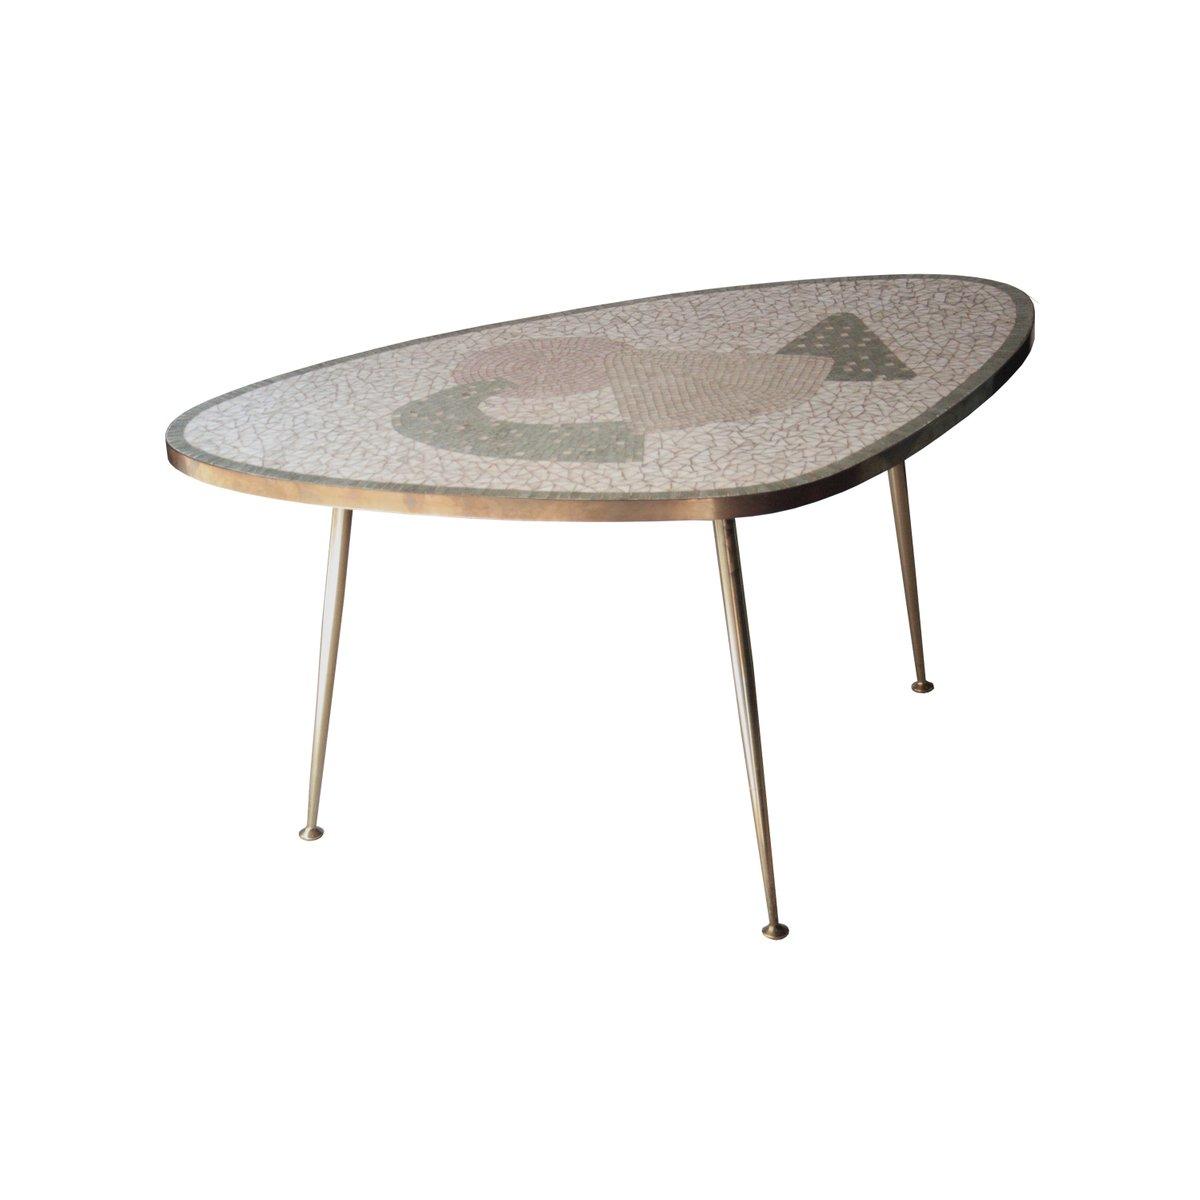 italienischer tisch mit tessera platte 1960er bei pamono kaufen. Black Bedroom Furniture Sets. Home Design Ideas